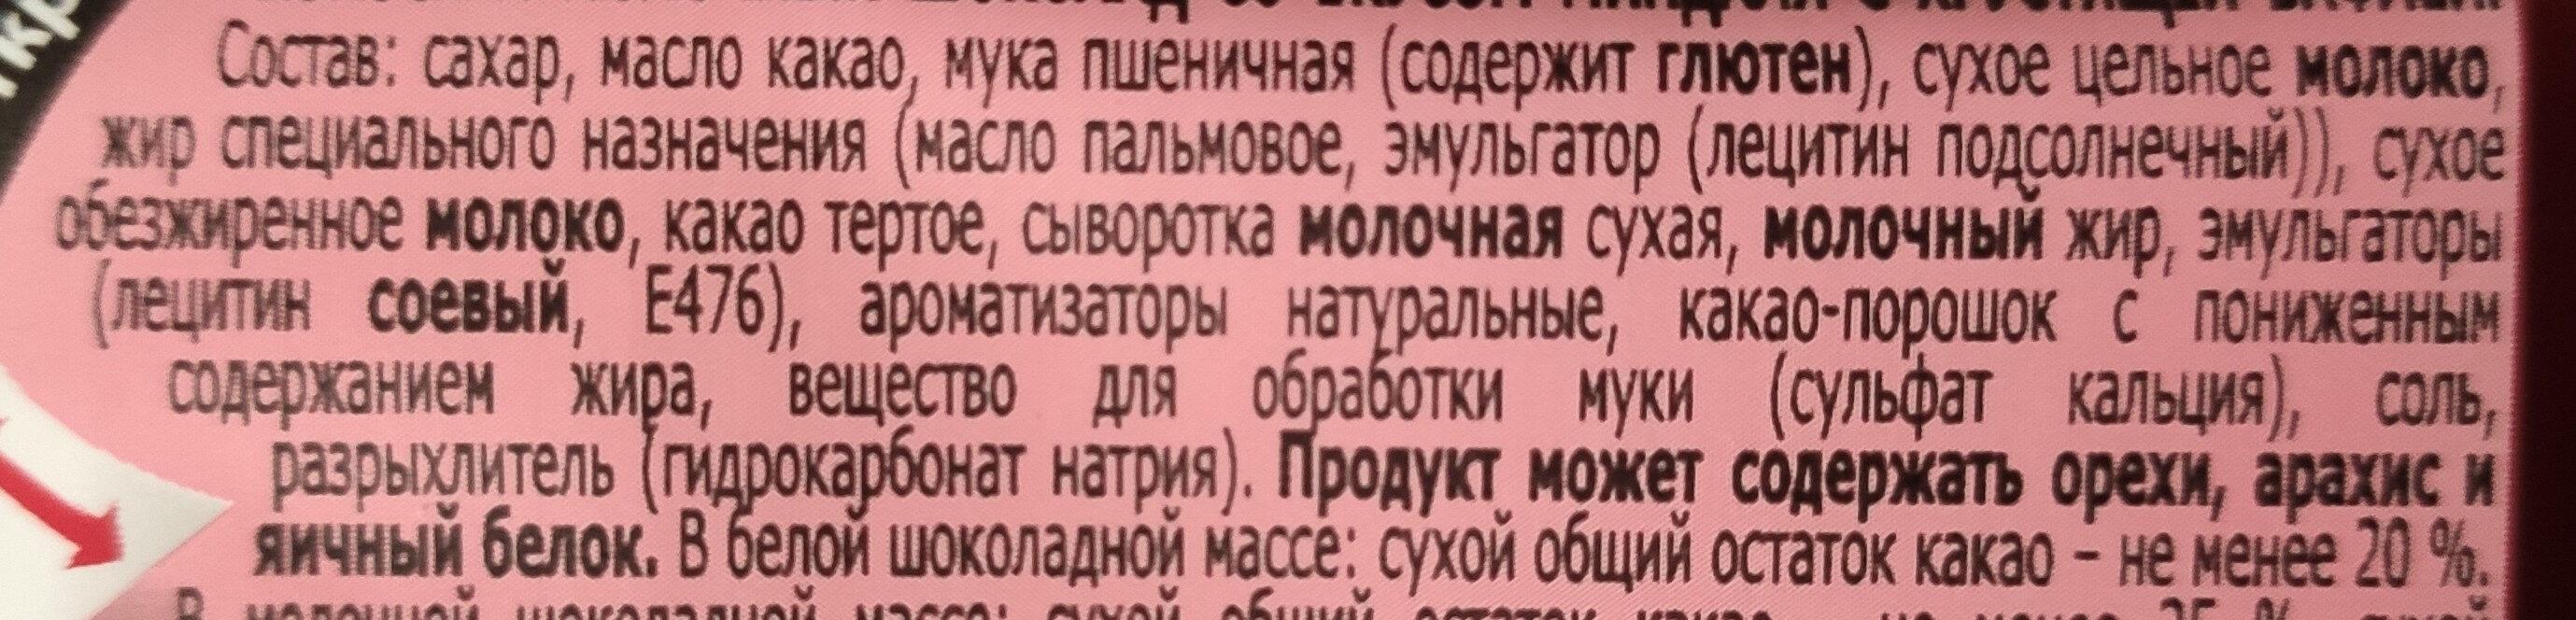 KitKat Senses taste of Deluxe Cocount - Ingrédients - ru